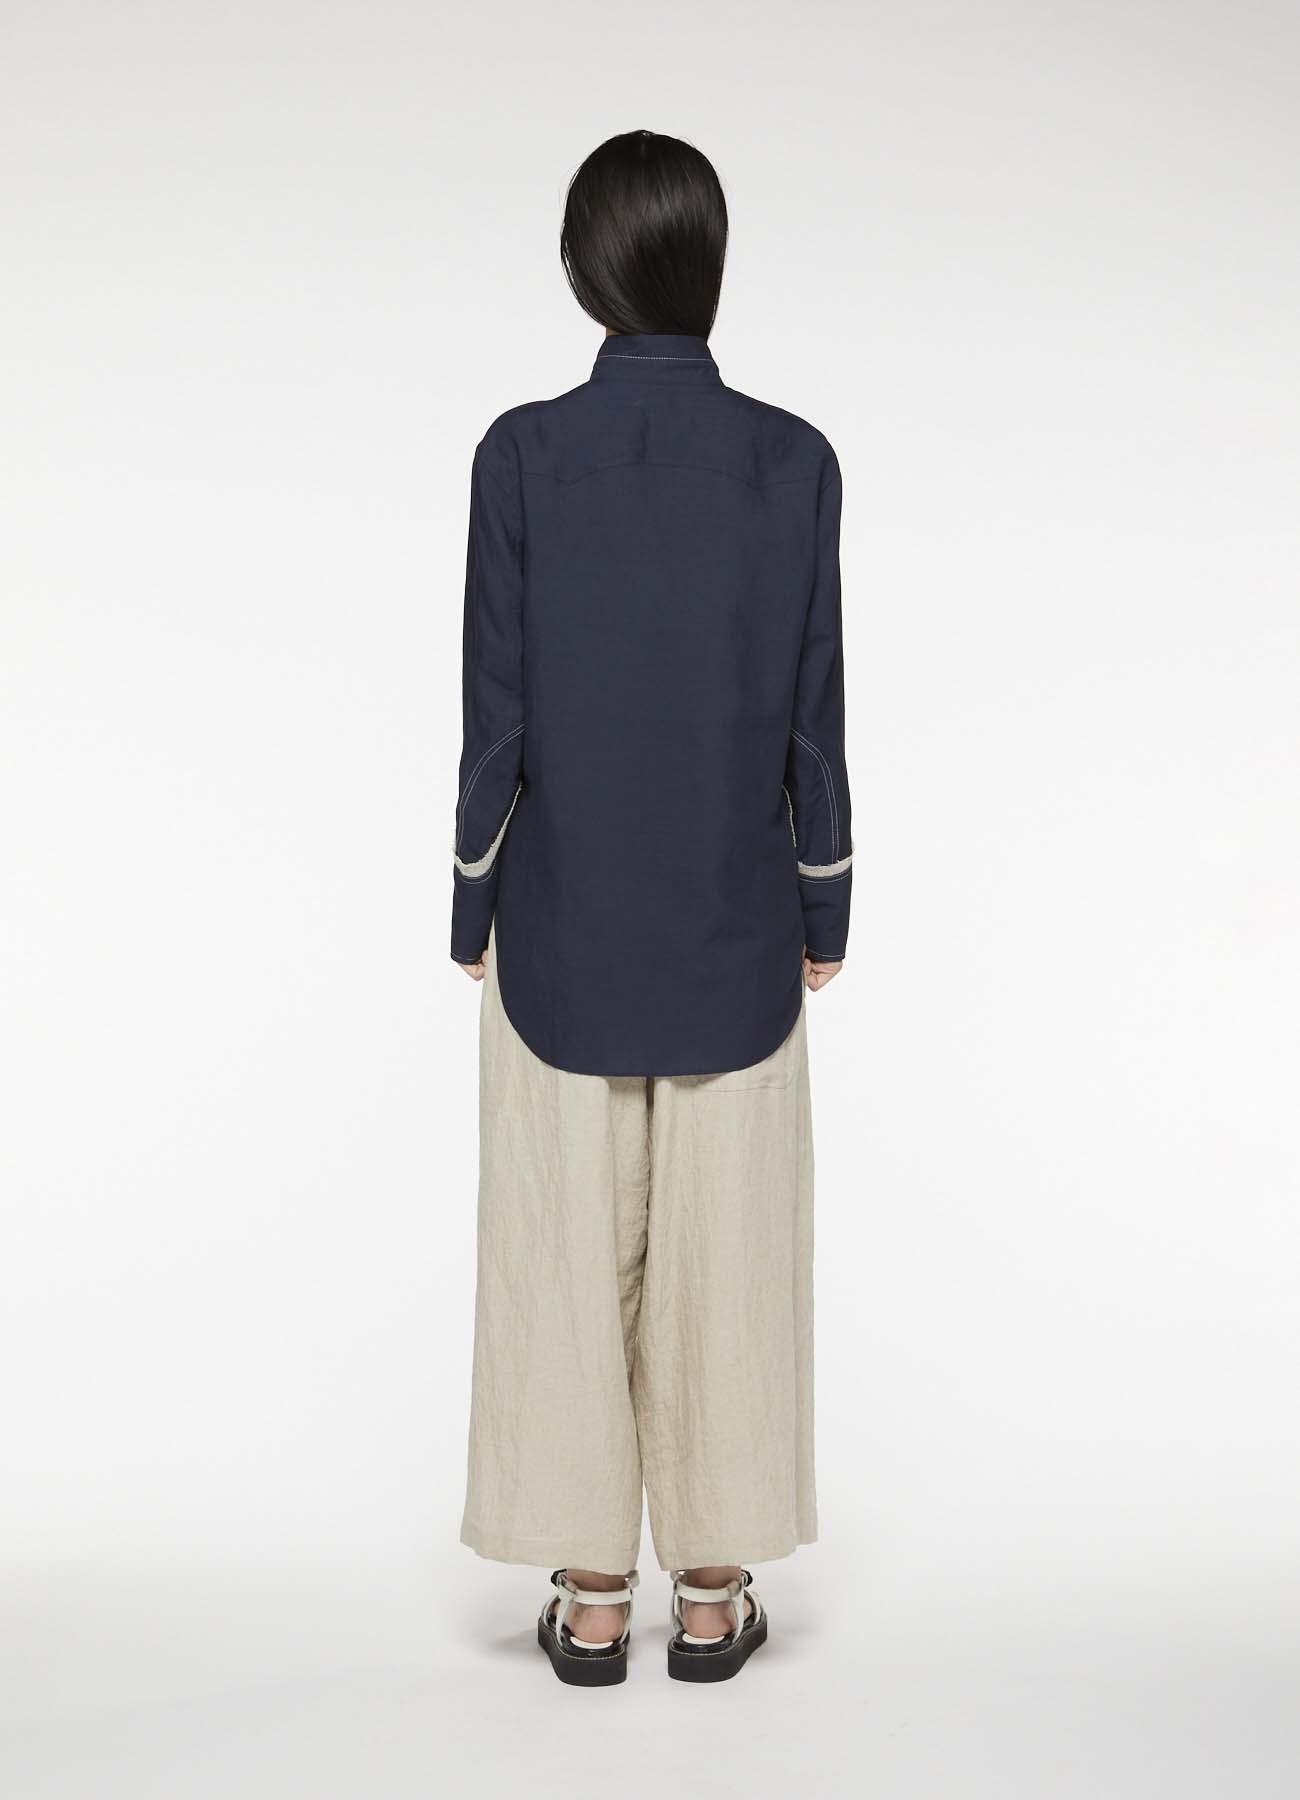 天丝针脚装饰军用风格立领衬衫